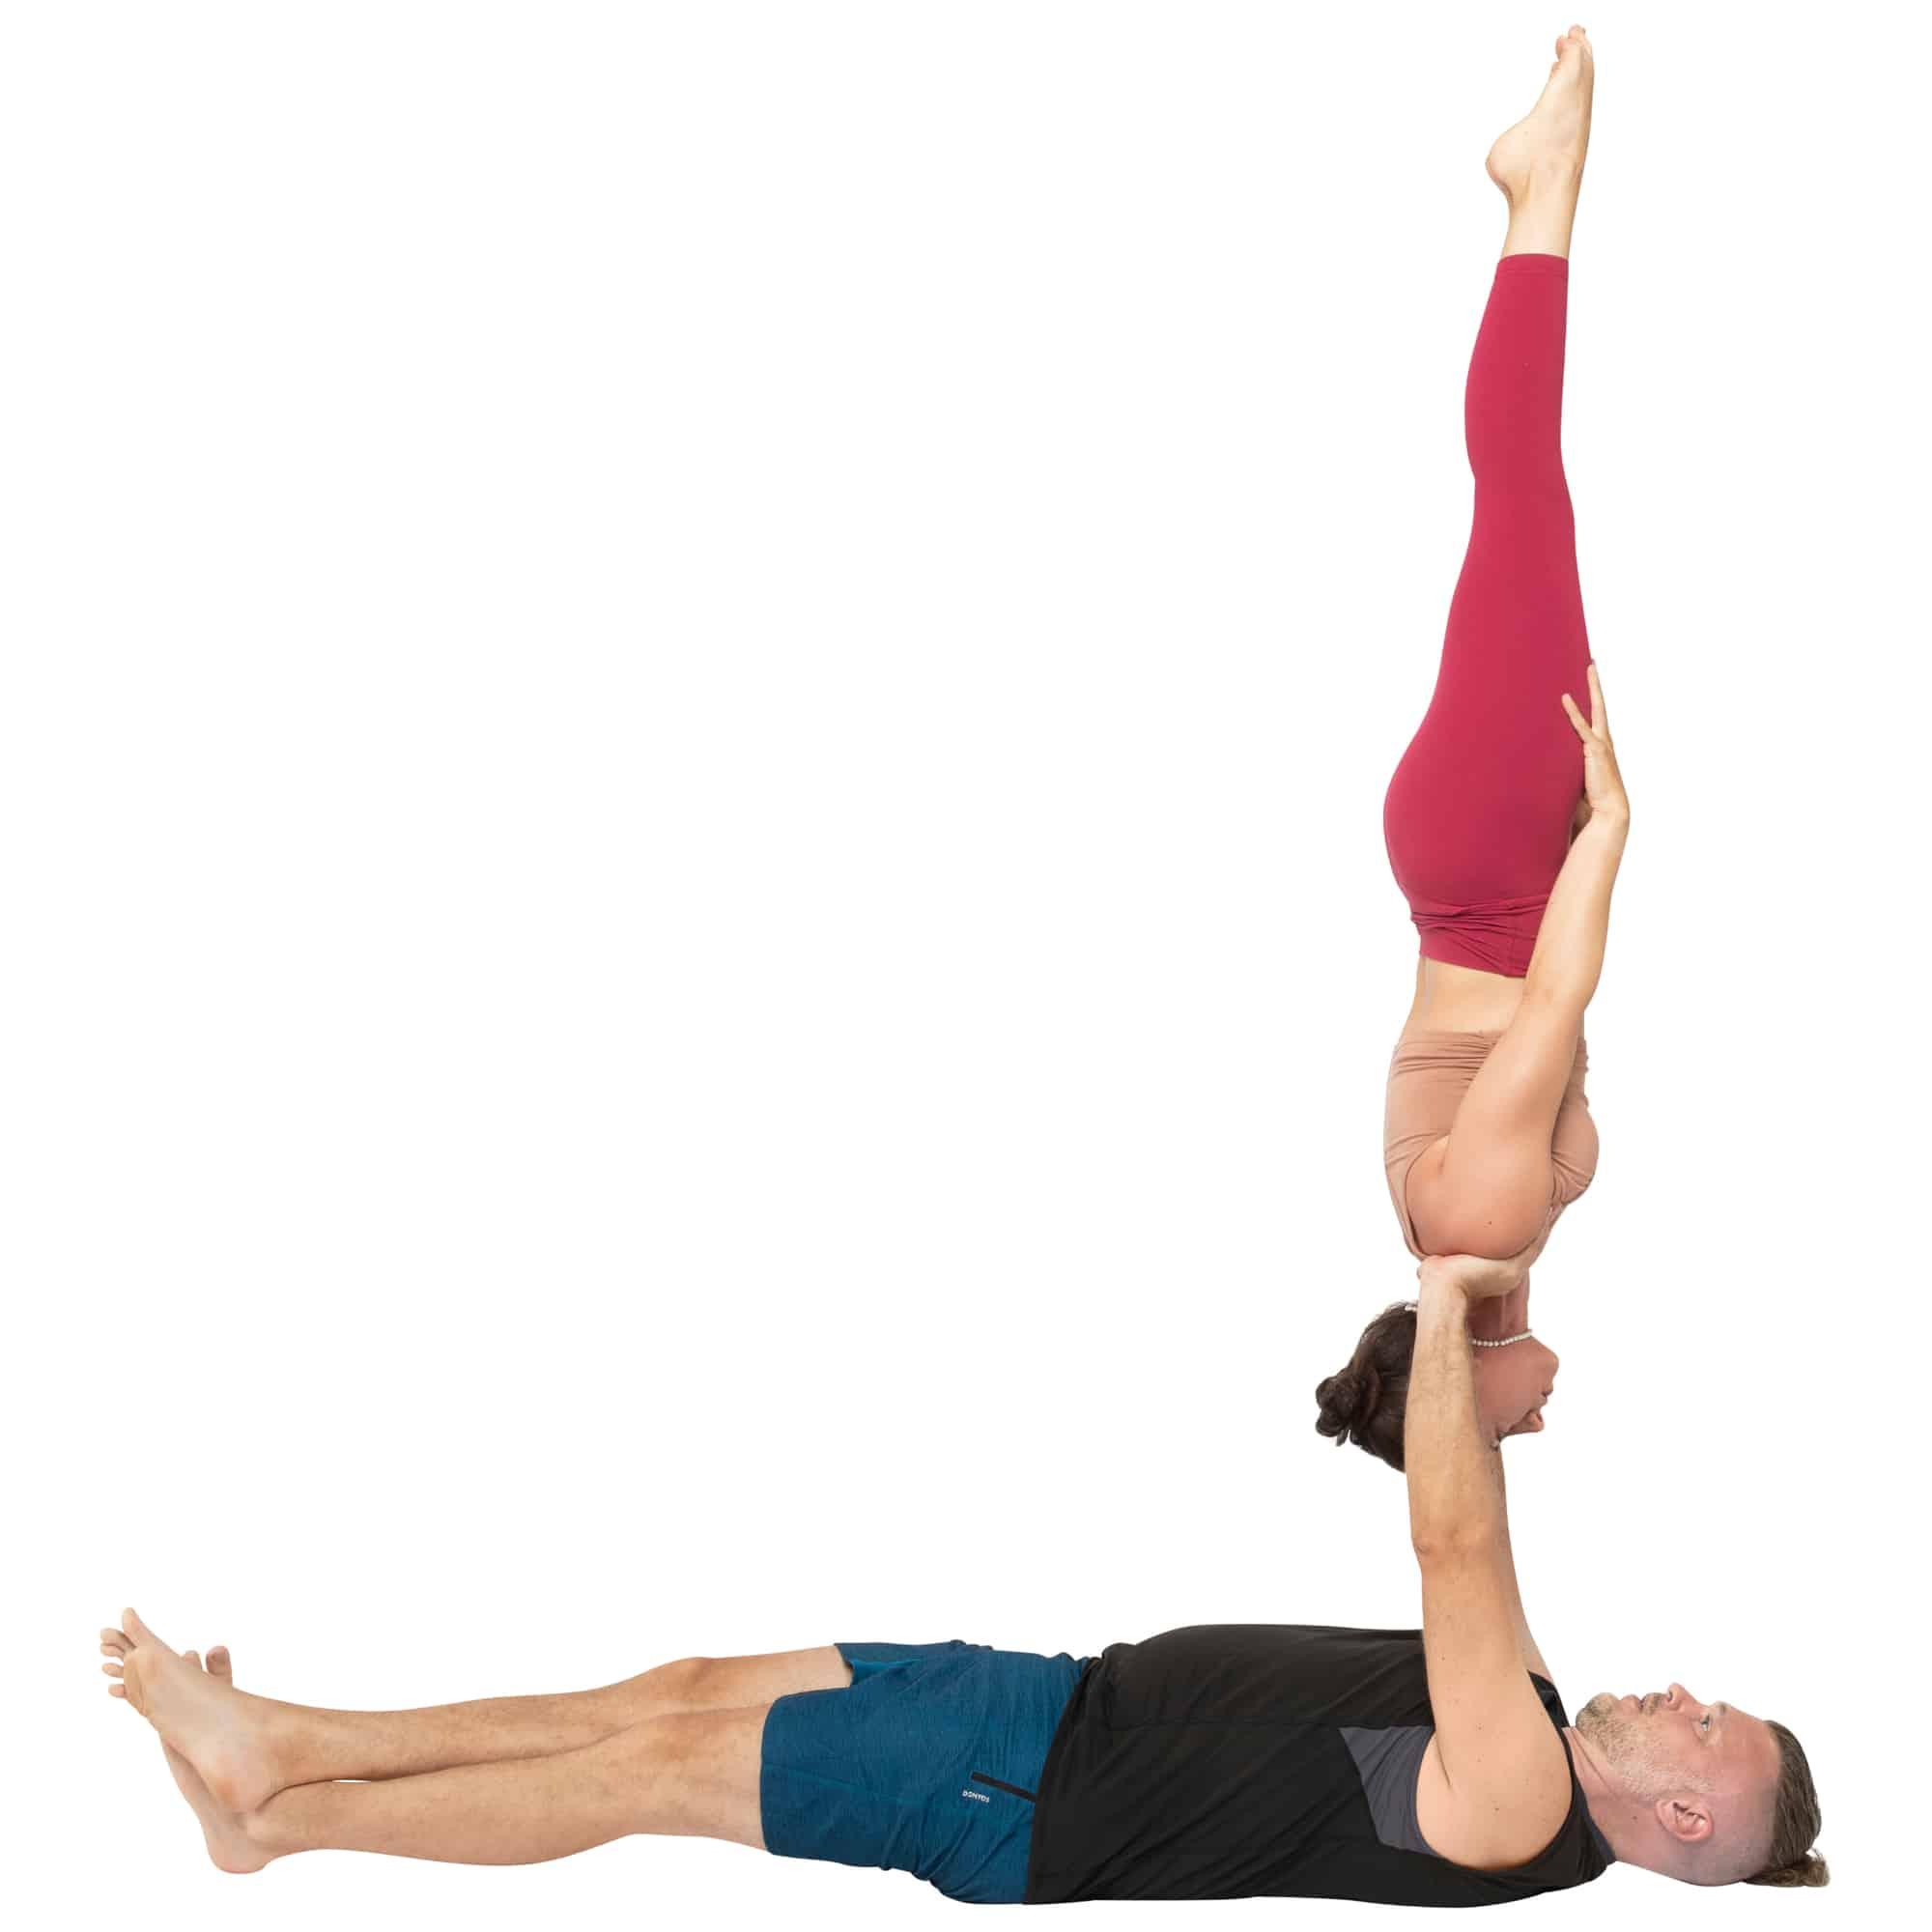 acroyoga haltung pose Reverse Needle